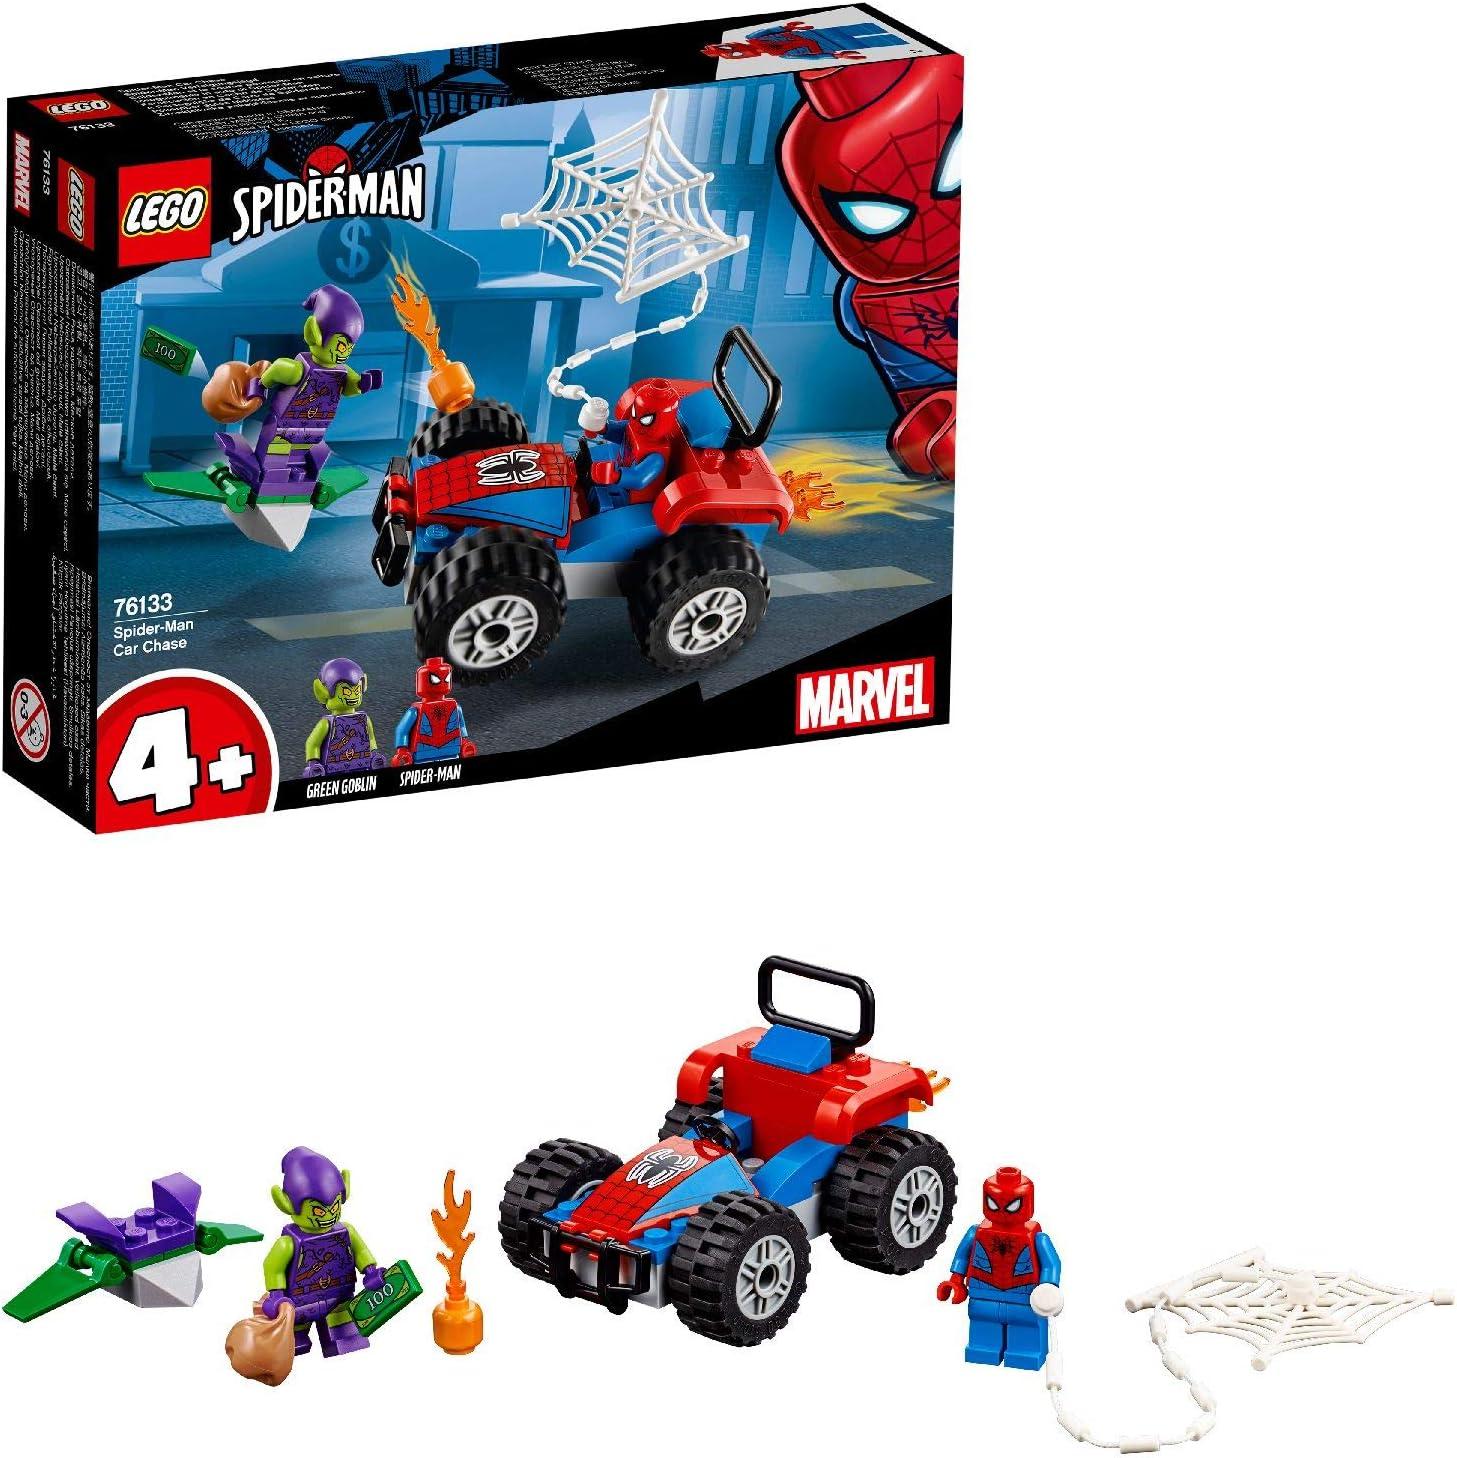 Lego-Minifiguras Serie X 1 Negro Araña de cuerda para las piezas de Spider Man-Super Heroes